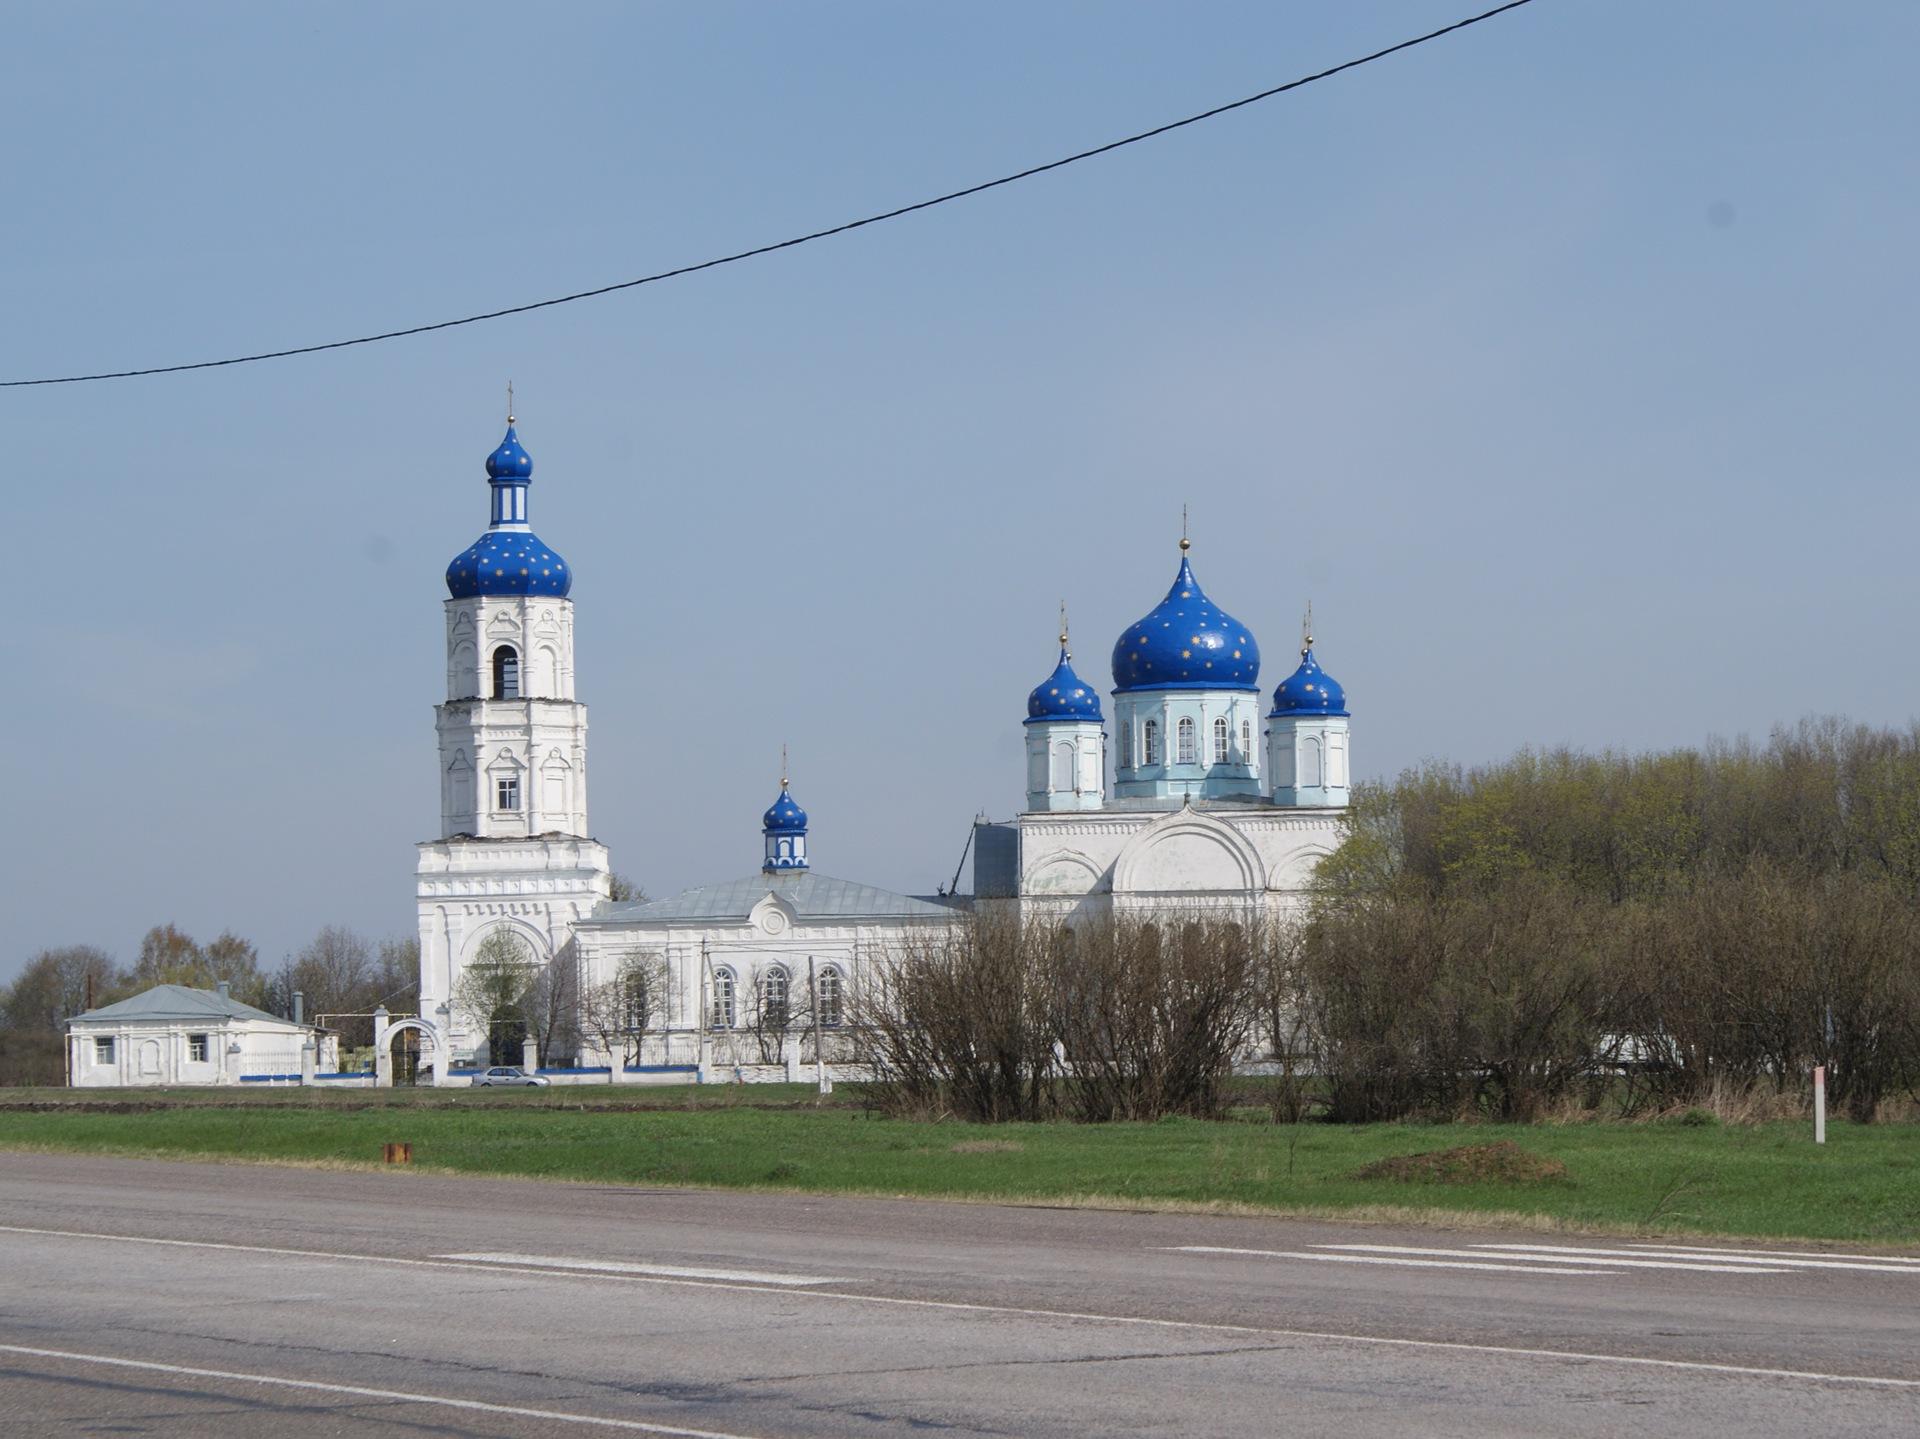 Ближе к границе с Тамбовской обл ...: https://www.drive2.ru/l/4062246863888361708